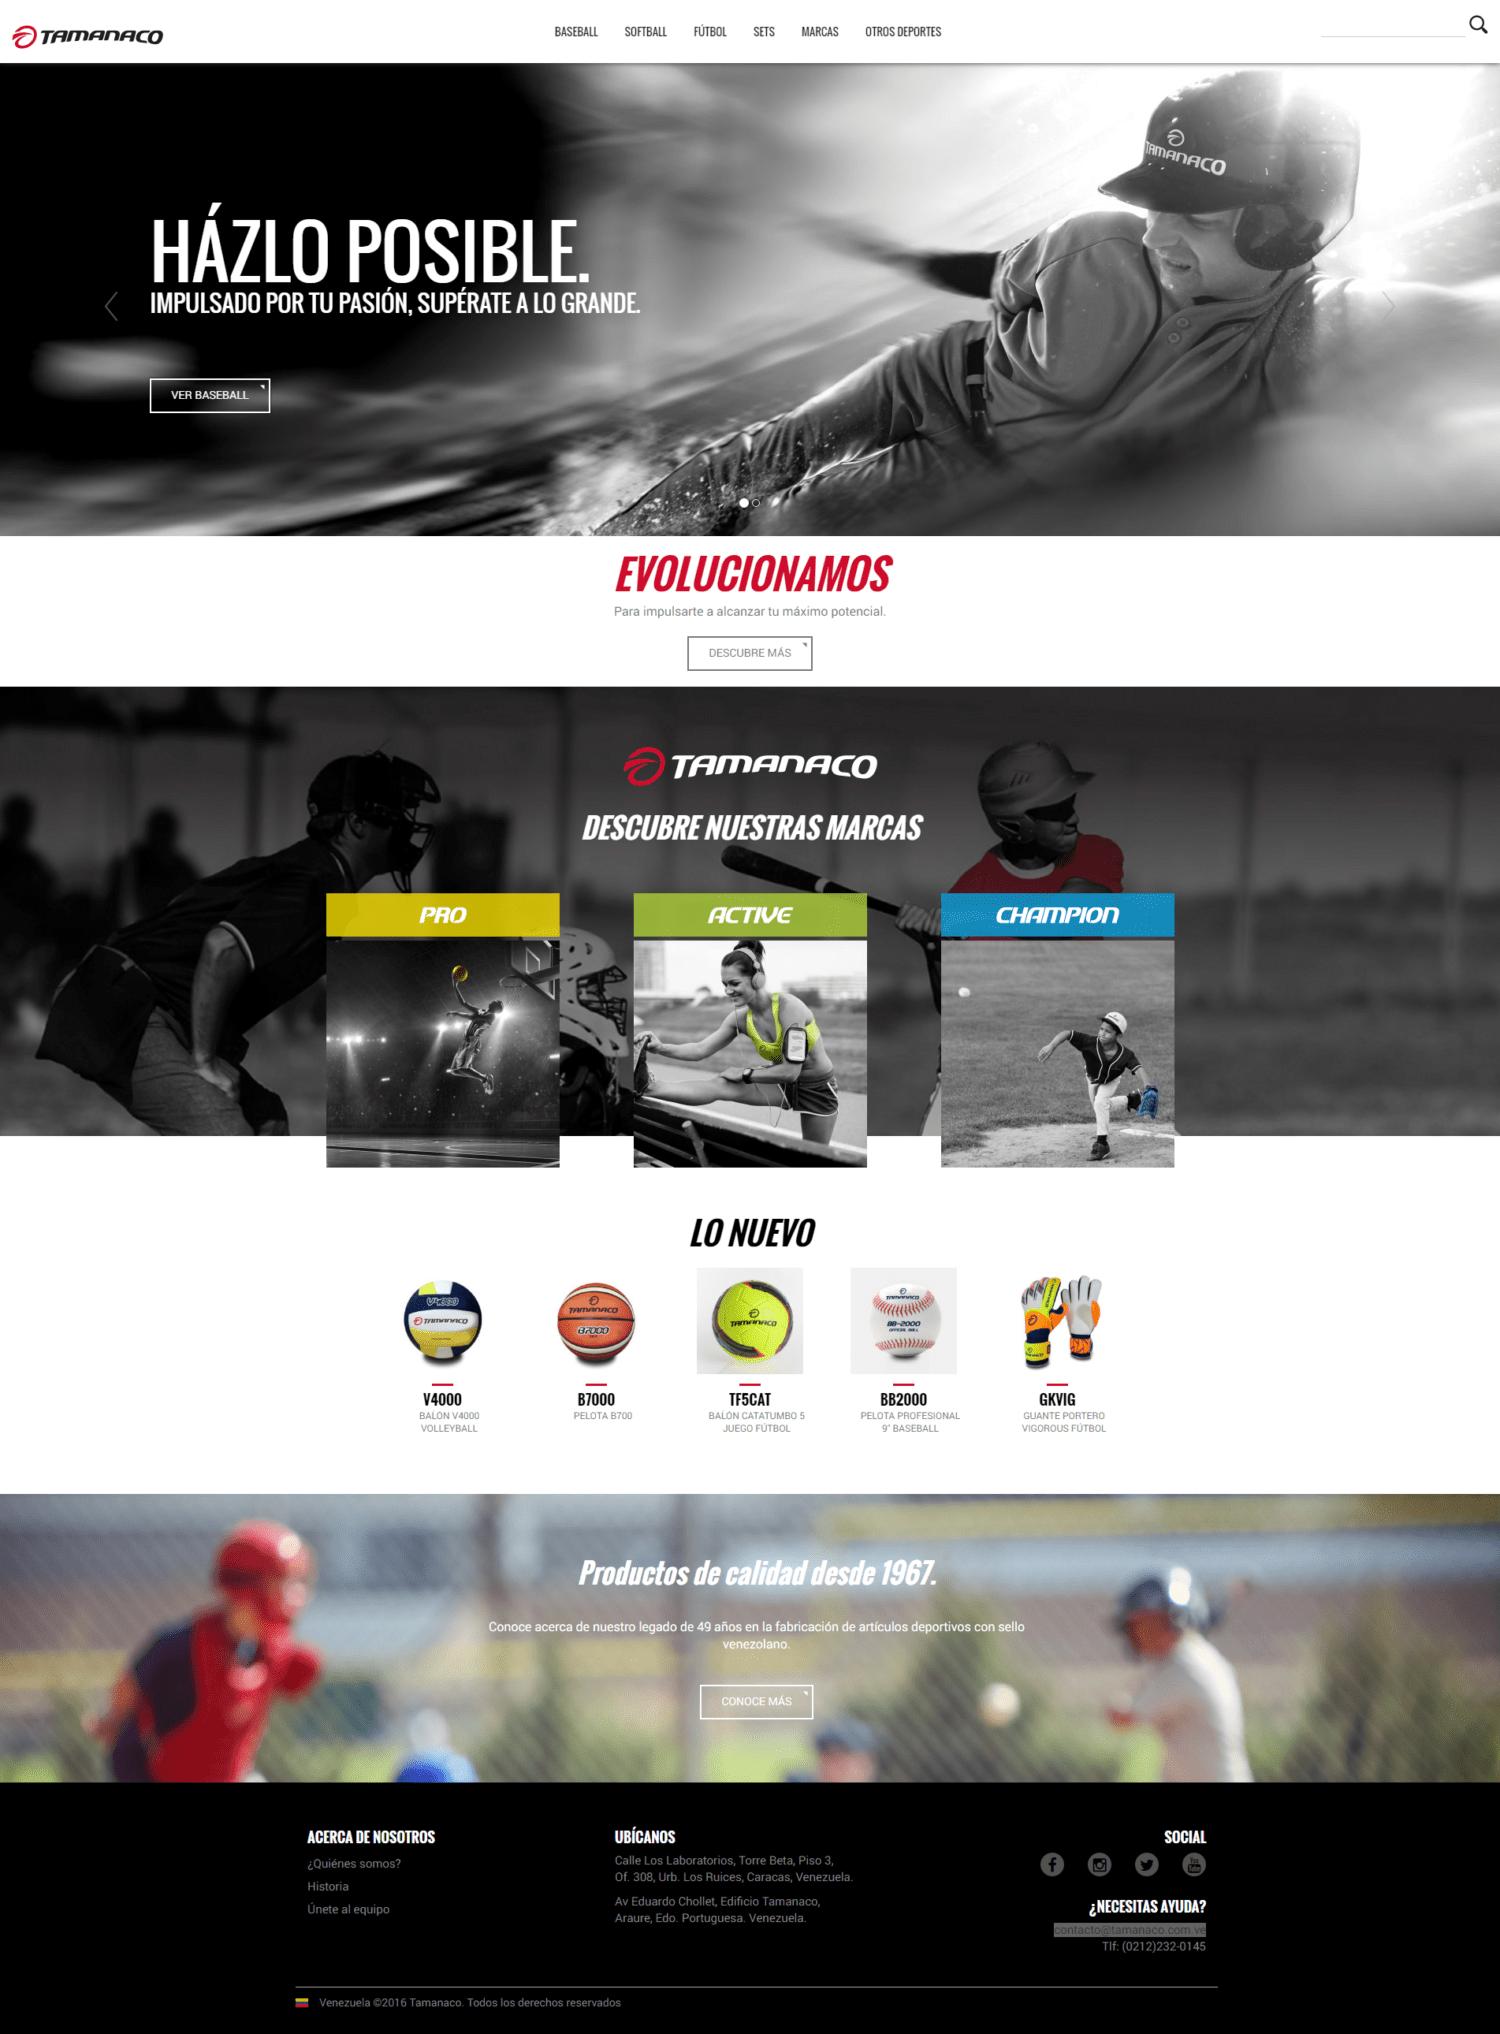 Tamanaco | Portafolio de productos de Tamanaco, empresa dedicada, por mas de 49 años a la fabricación y comercialización de artículos deportivos producidos con orgullo en Venezuela. Sitio web responsive desarrollado para WordPress con bootstrap en dos idiomas sobre un diseño de MBLM